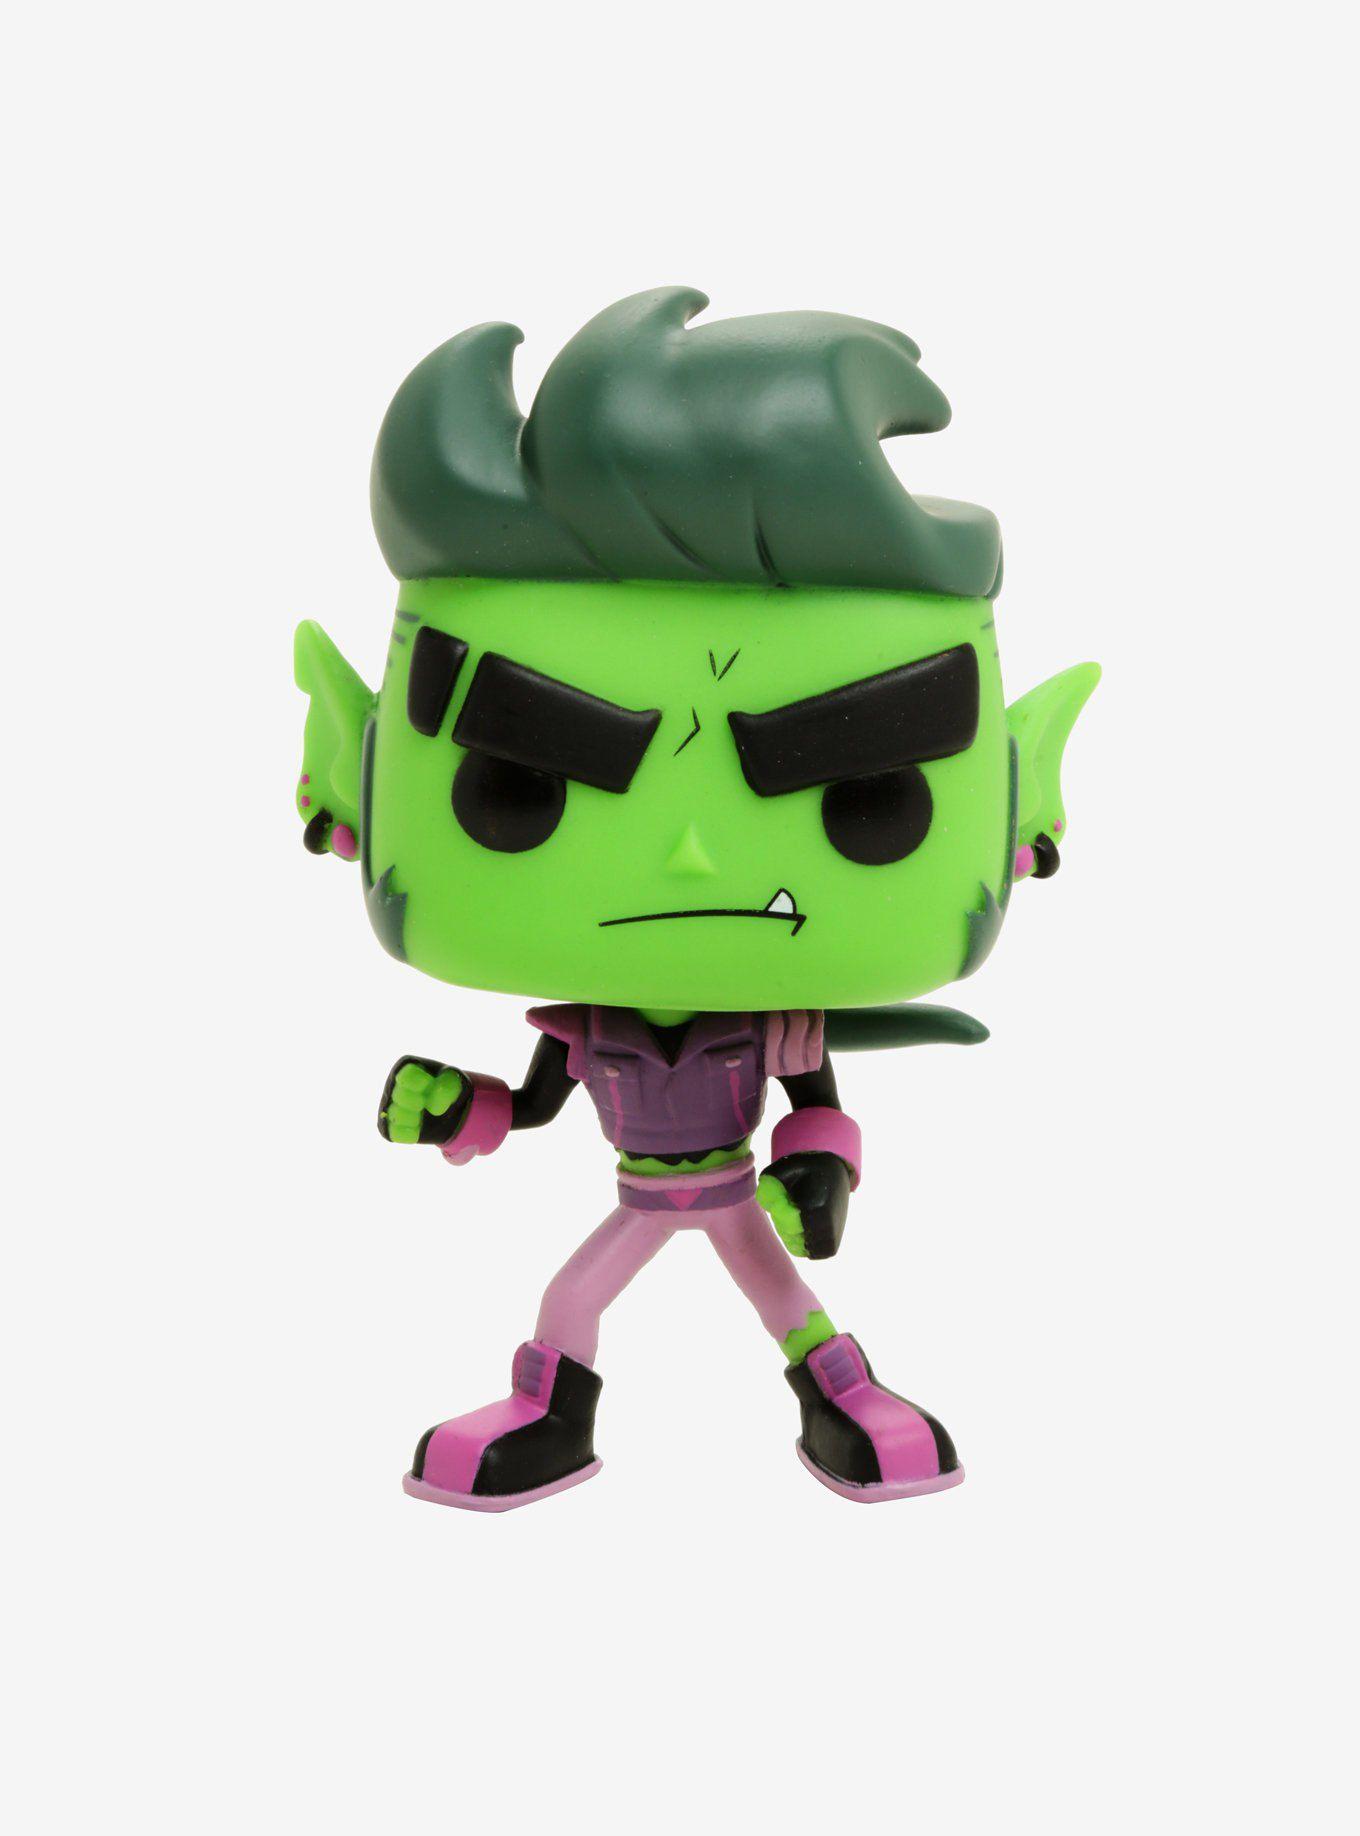 Beast Boy #604 ( Mutano ) - Teen Titans Go! ( Os Jovens Titãs em Ação ) - Funko Pop! Animation